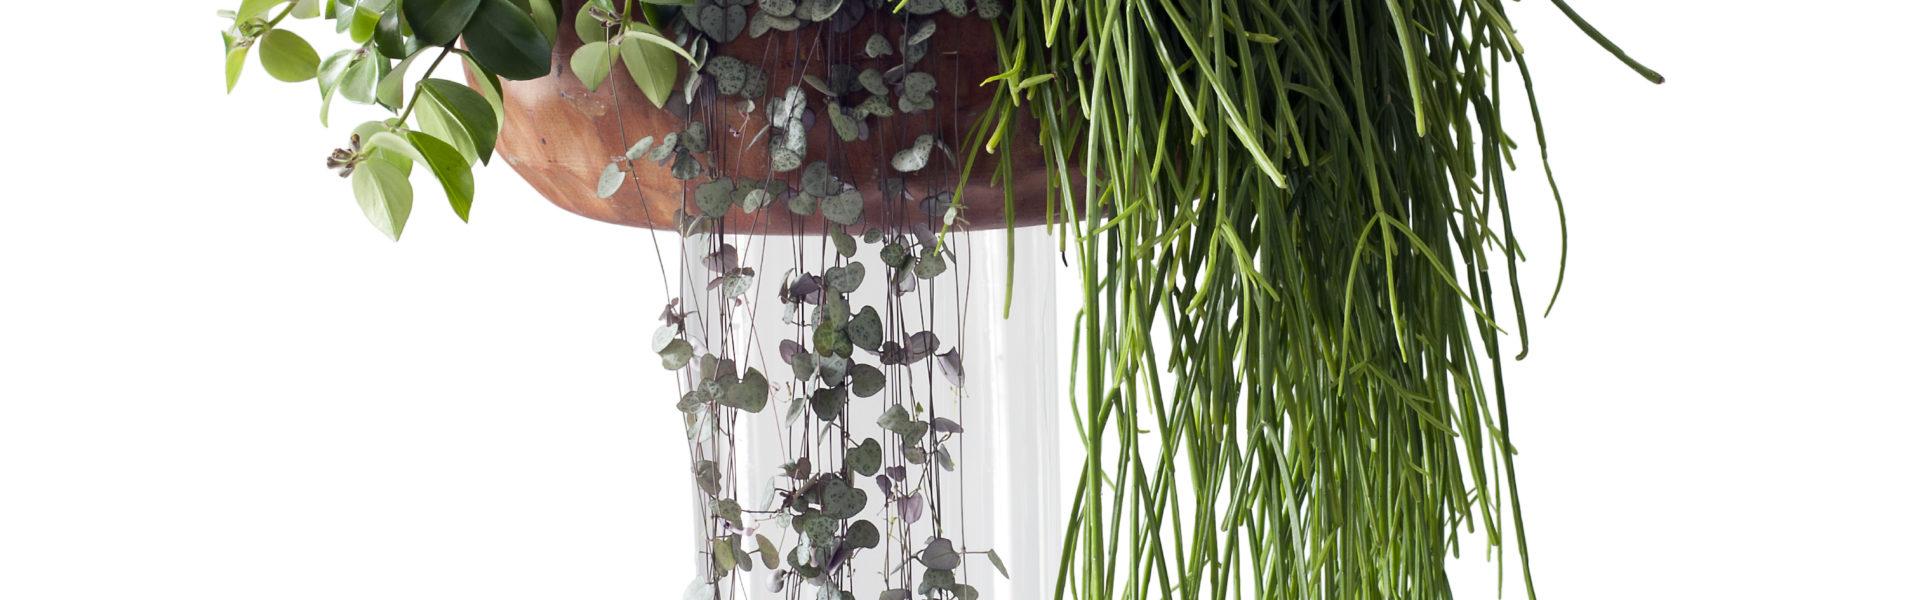 Grønne planter i ampler – frisk høst hjemme